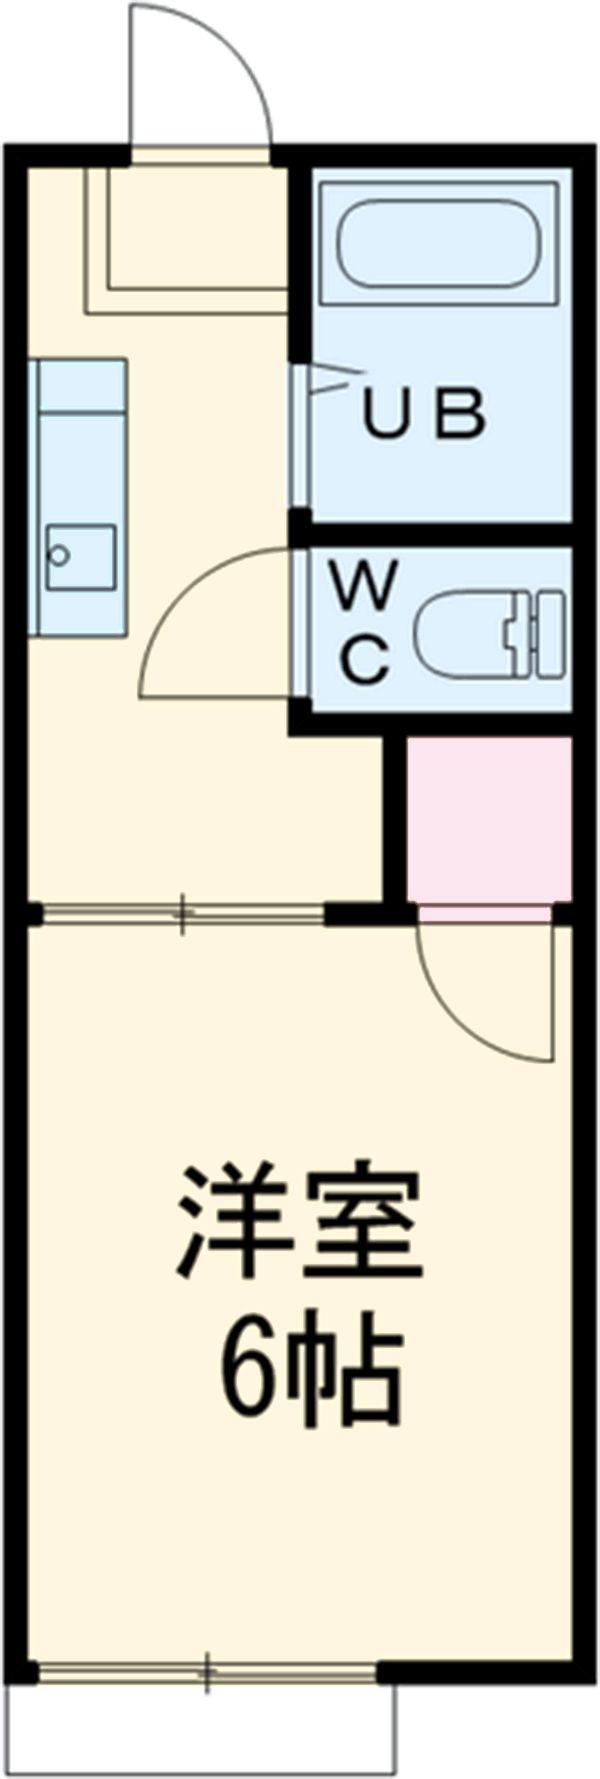 第二サフランハイツ 1-G号室の間取り